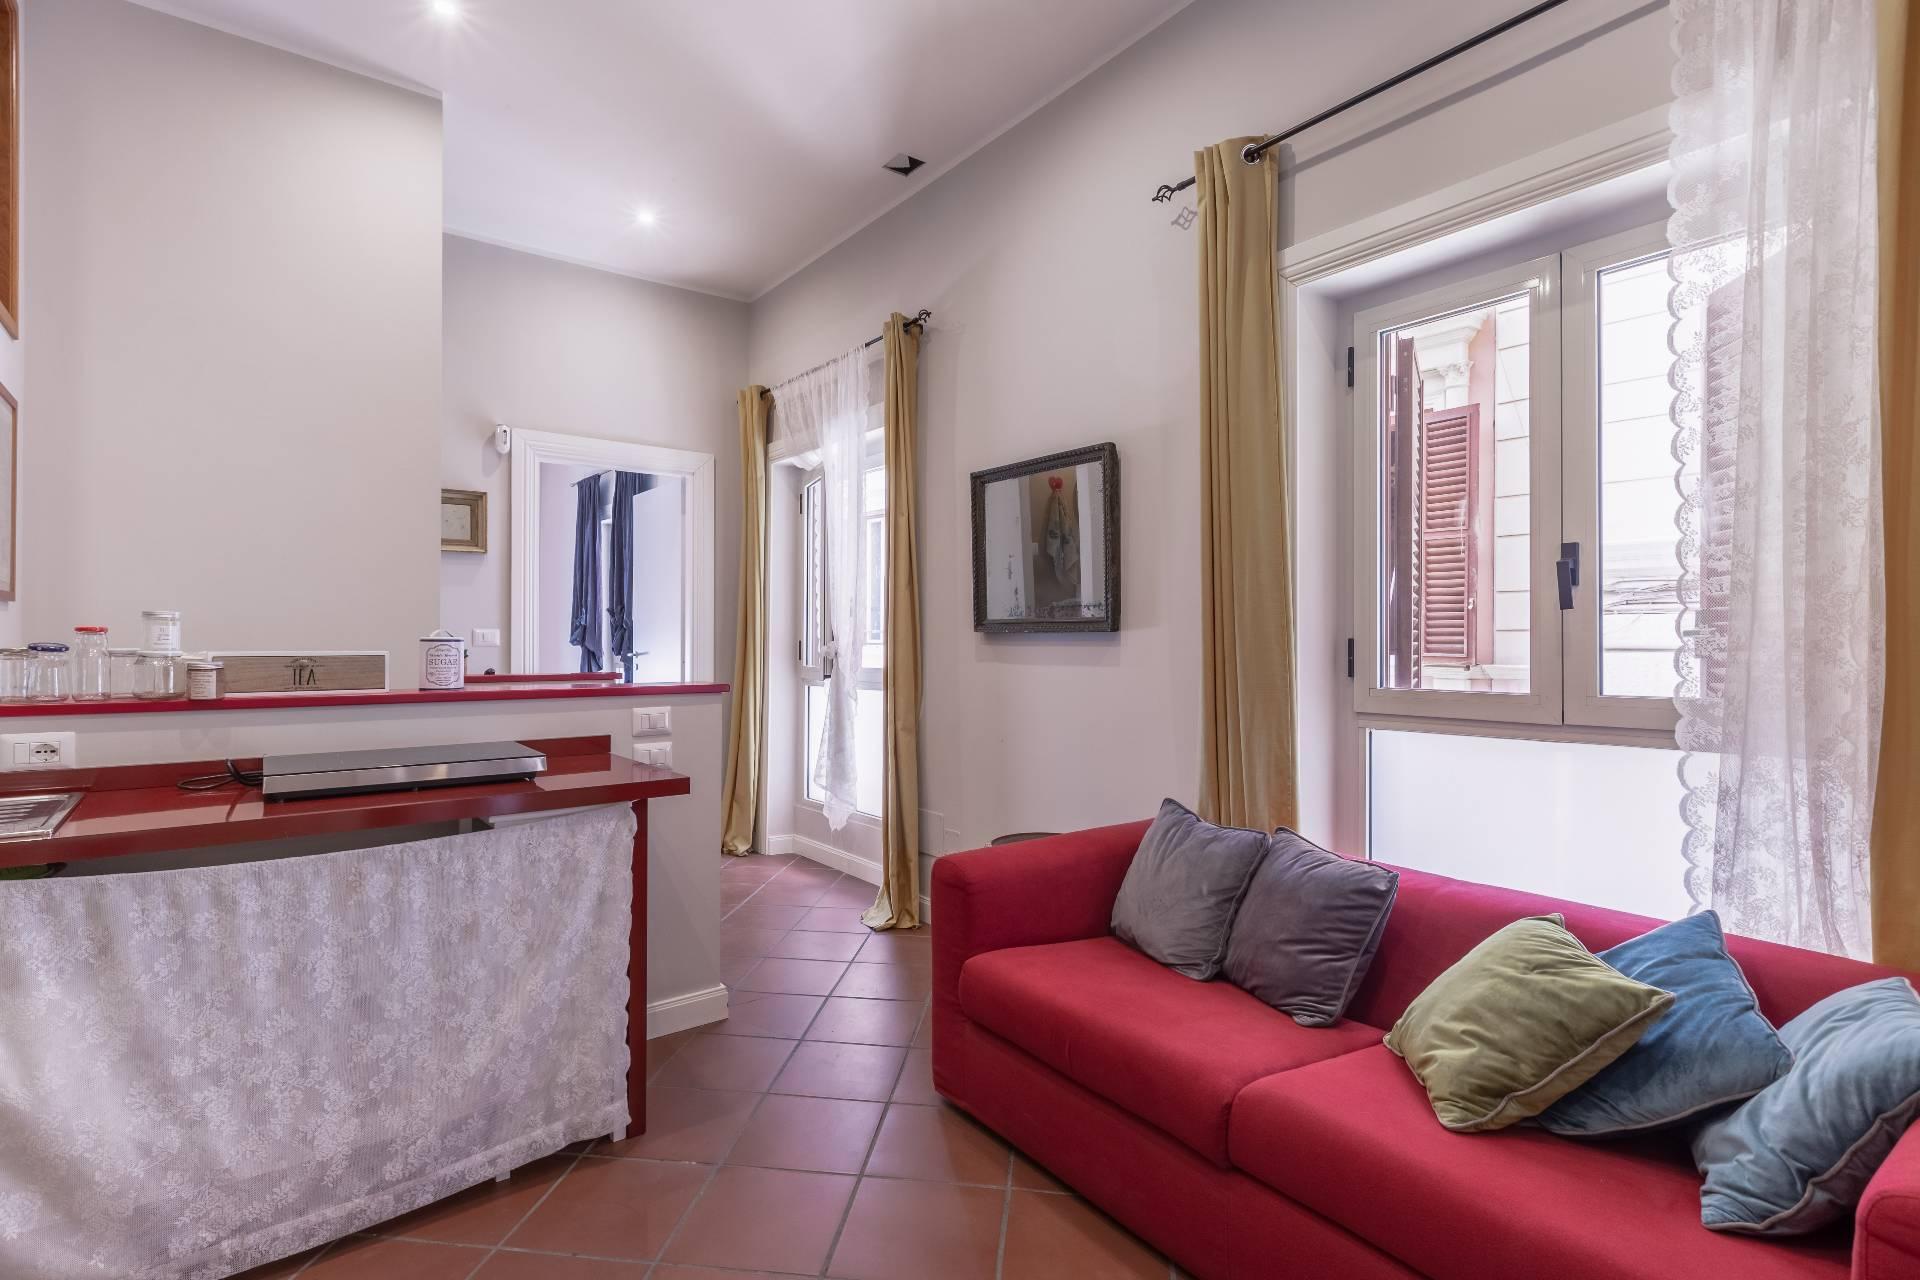 Casa indipendente in Vendita a Roma: 3 locali, 66 mq - Foto 2